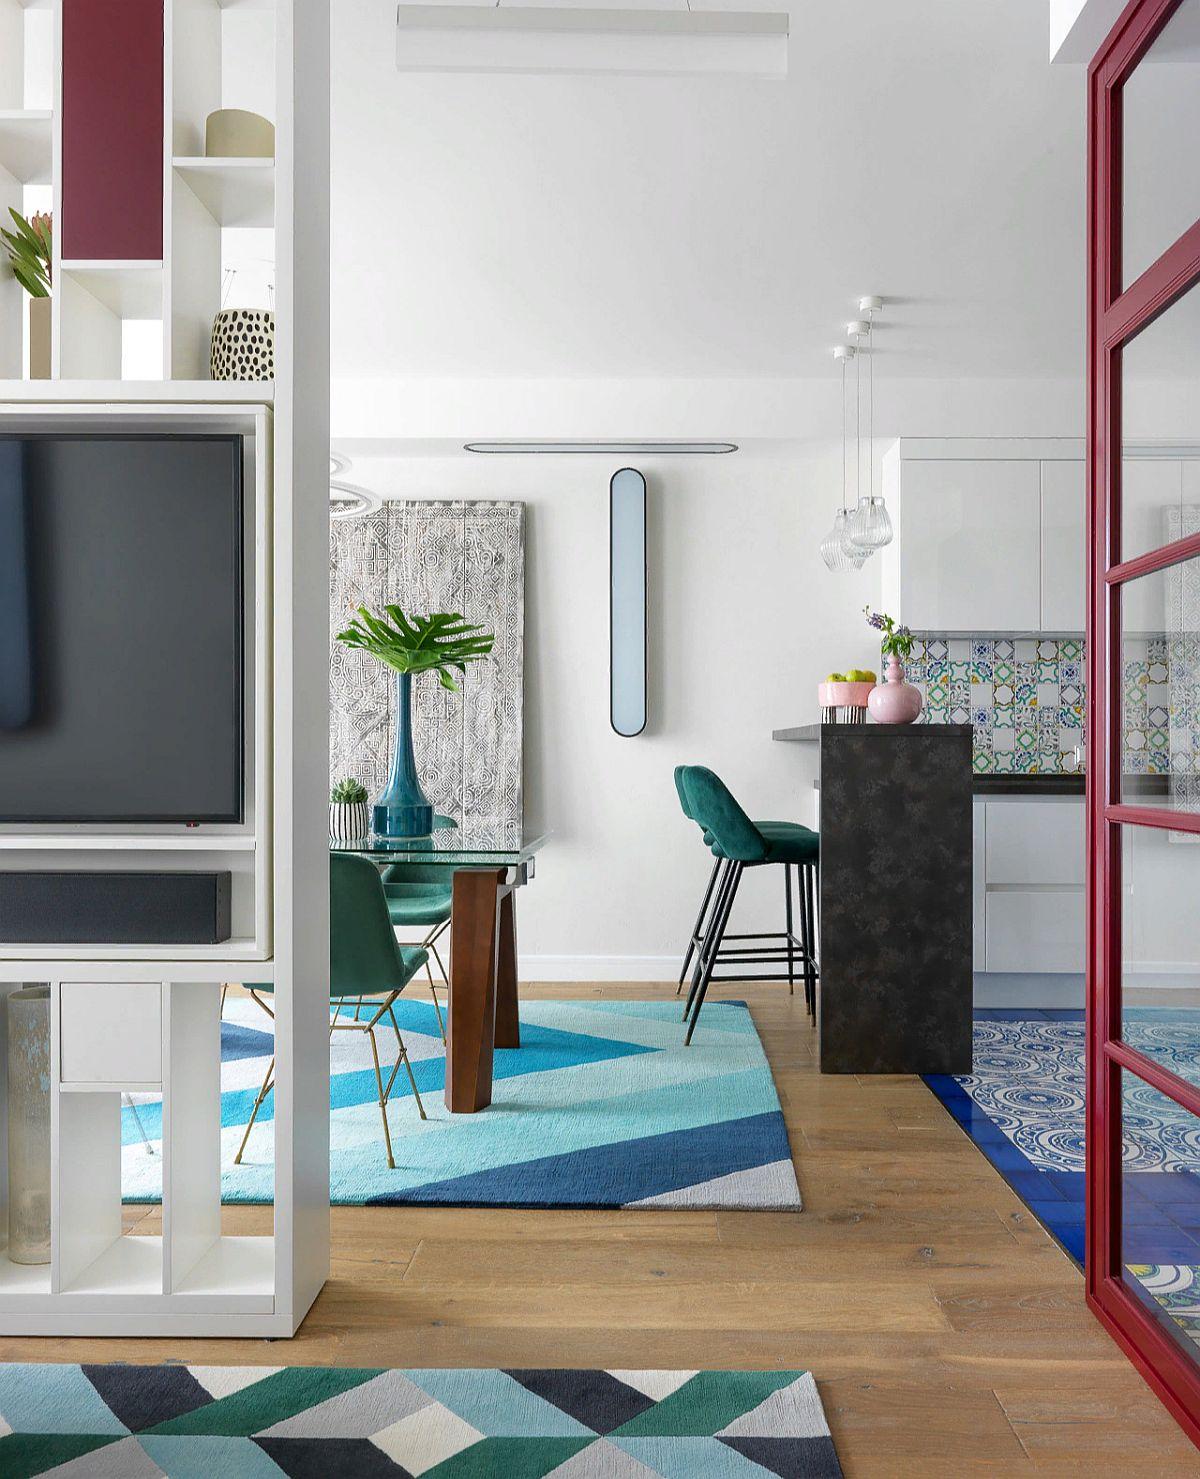 Între living și locul de luat masa designerii au prevăzut o bibliotecă ce încadrează și televizorul. Piesa de mobilier a fost realizată pe comandă după proiectul designerilor.